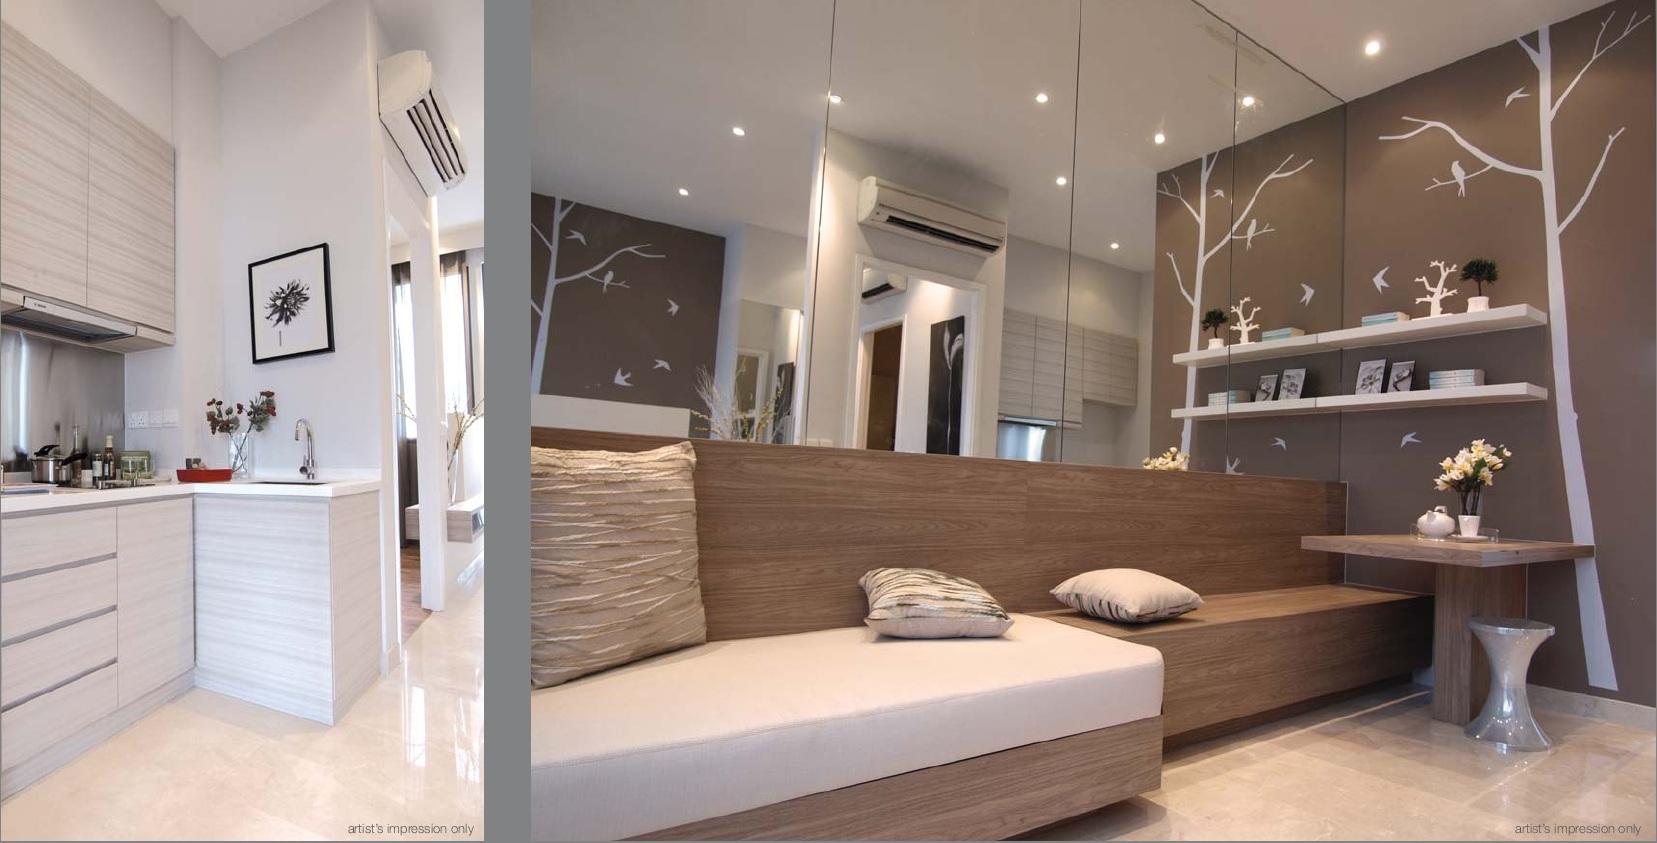 Laverne's Loft Living lavernes loft Lavernes Loft Singapore   Showflat Hotline +65 61007122 lavernes loft living